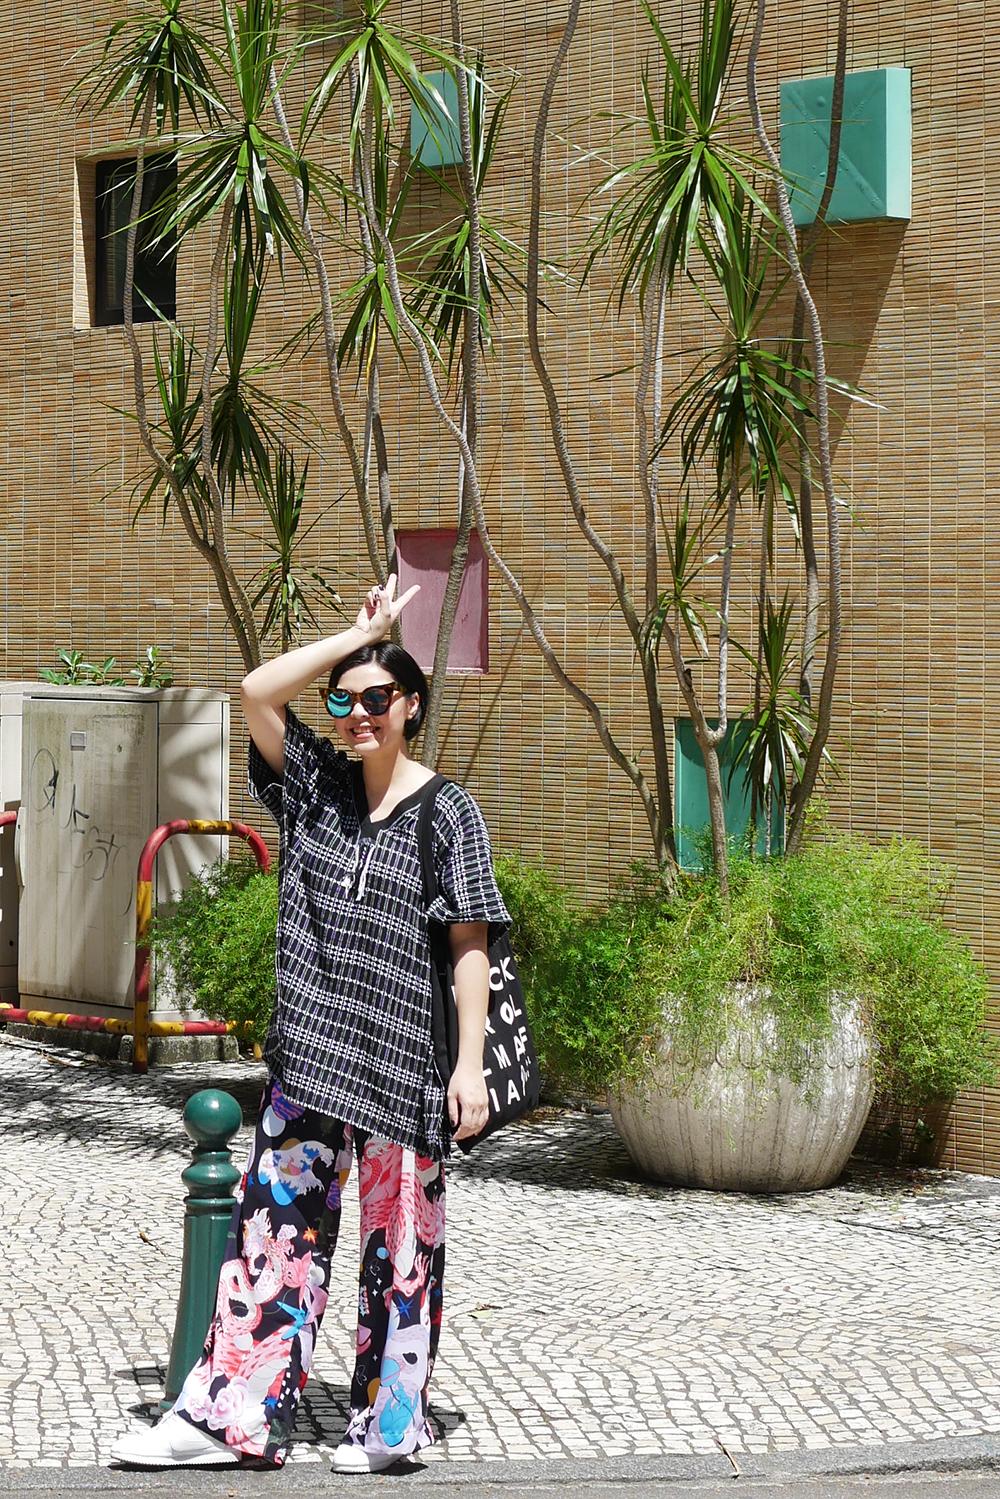 Cafe_Litoral_Macao_Taipa_Village.jpg